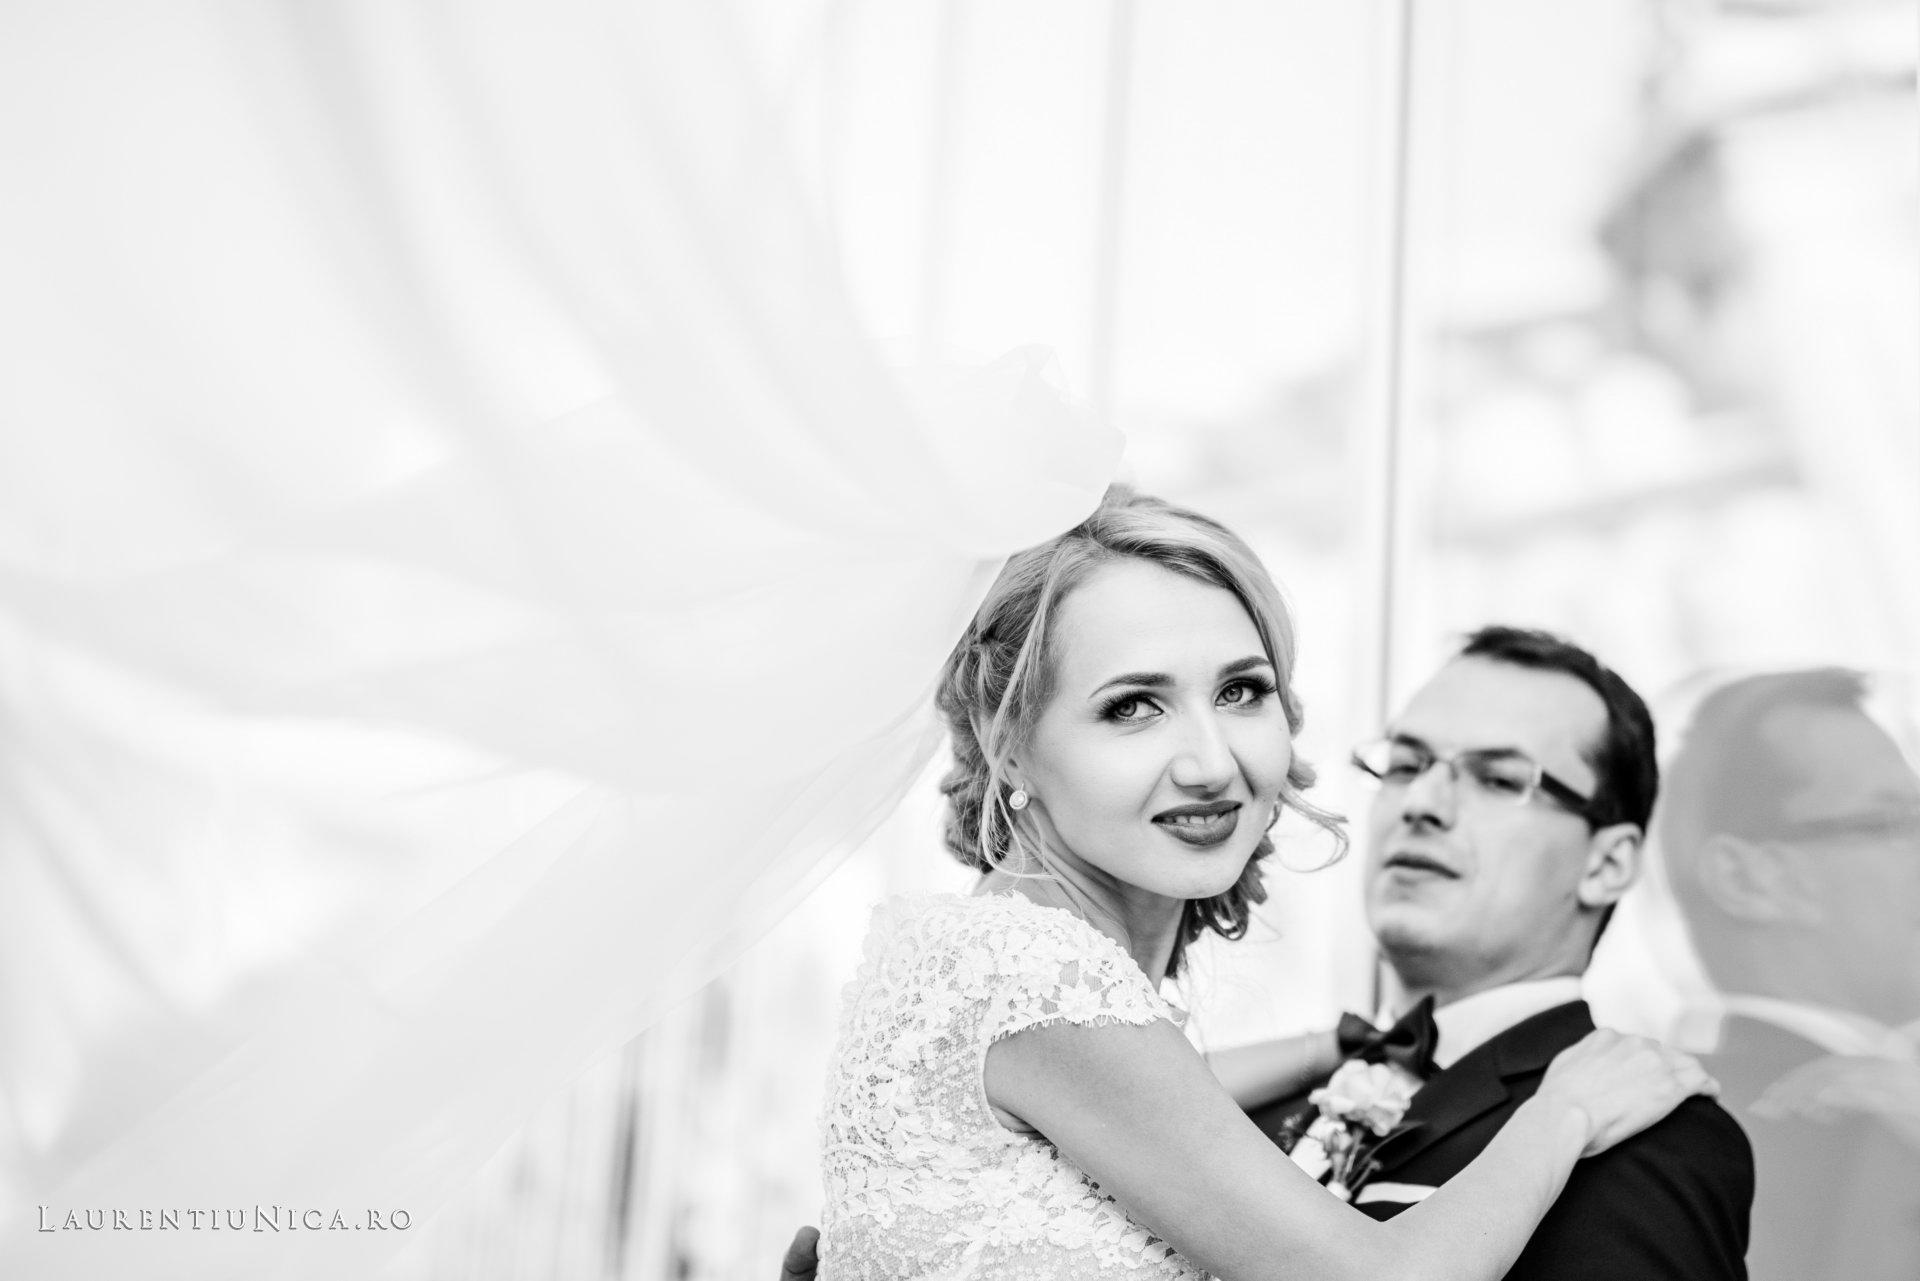 alina si razvan craiova fotograf nunta laurentiu nica55 - Alina & Razvan | Fotografii nunta